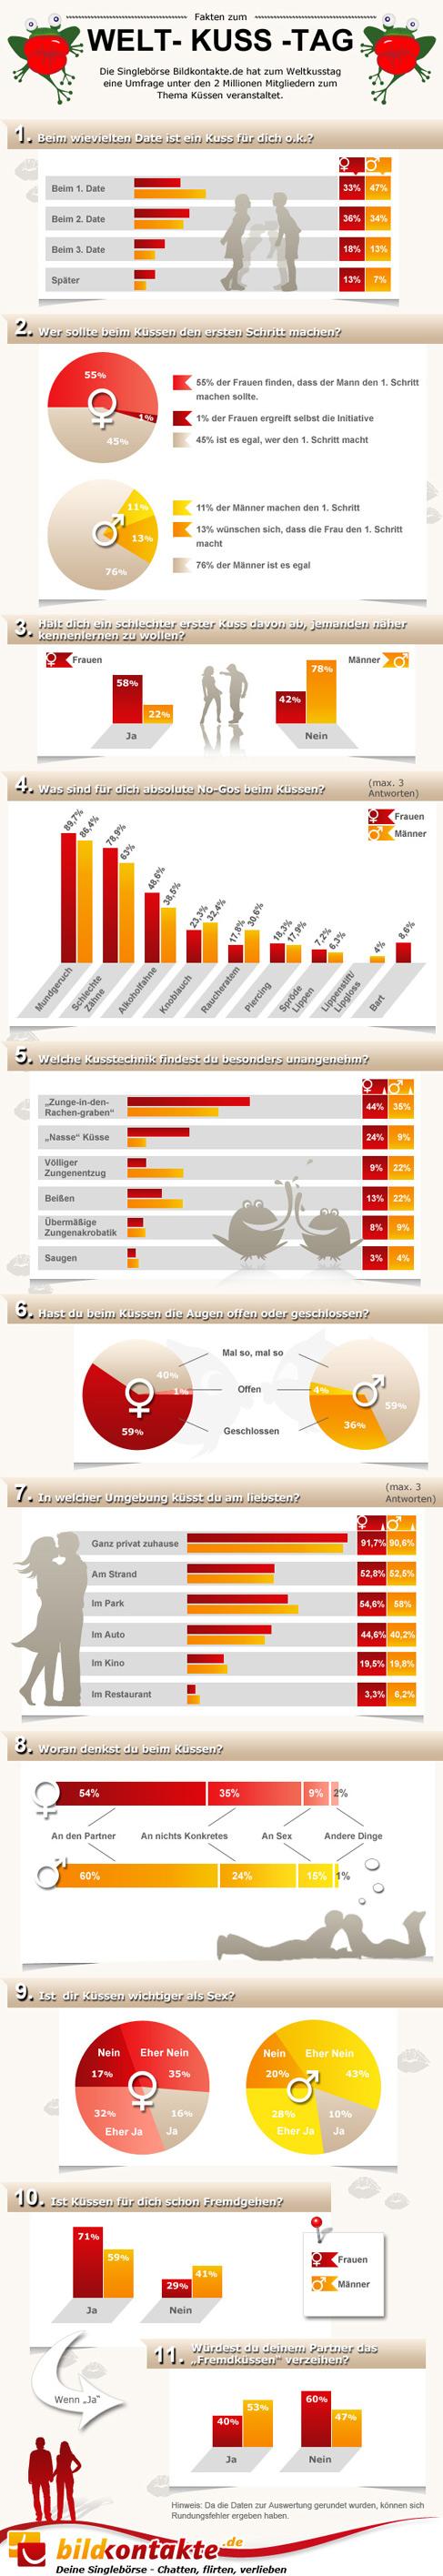 bildkontakte.de Umfrage und Infografik zum Welt-Kuss-Tag